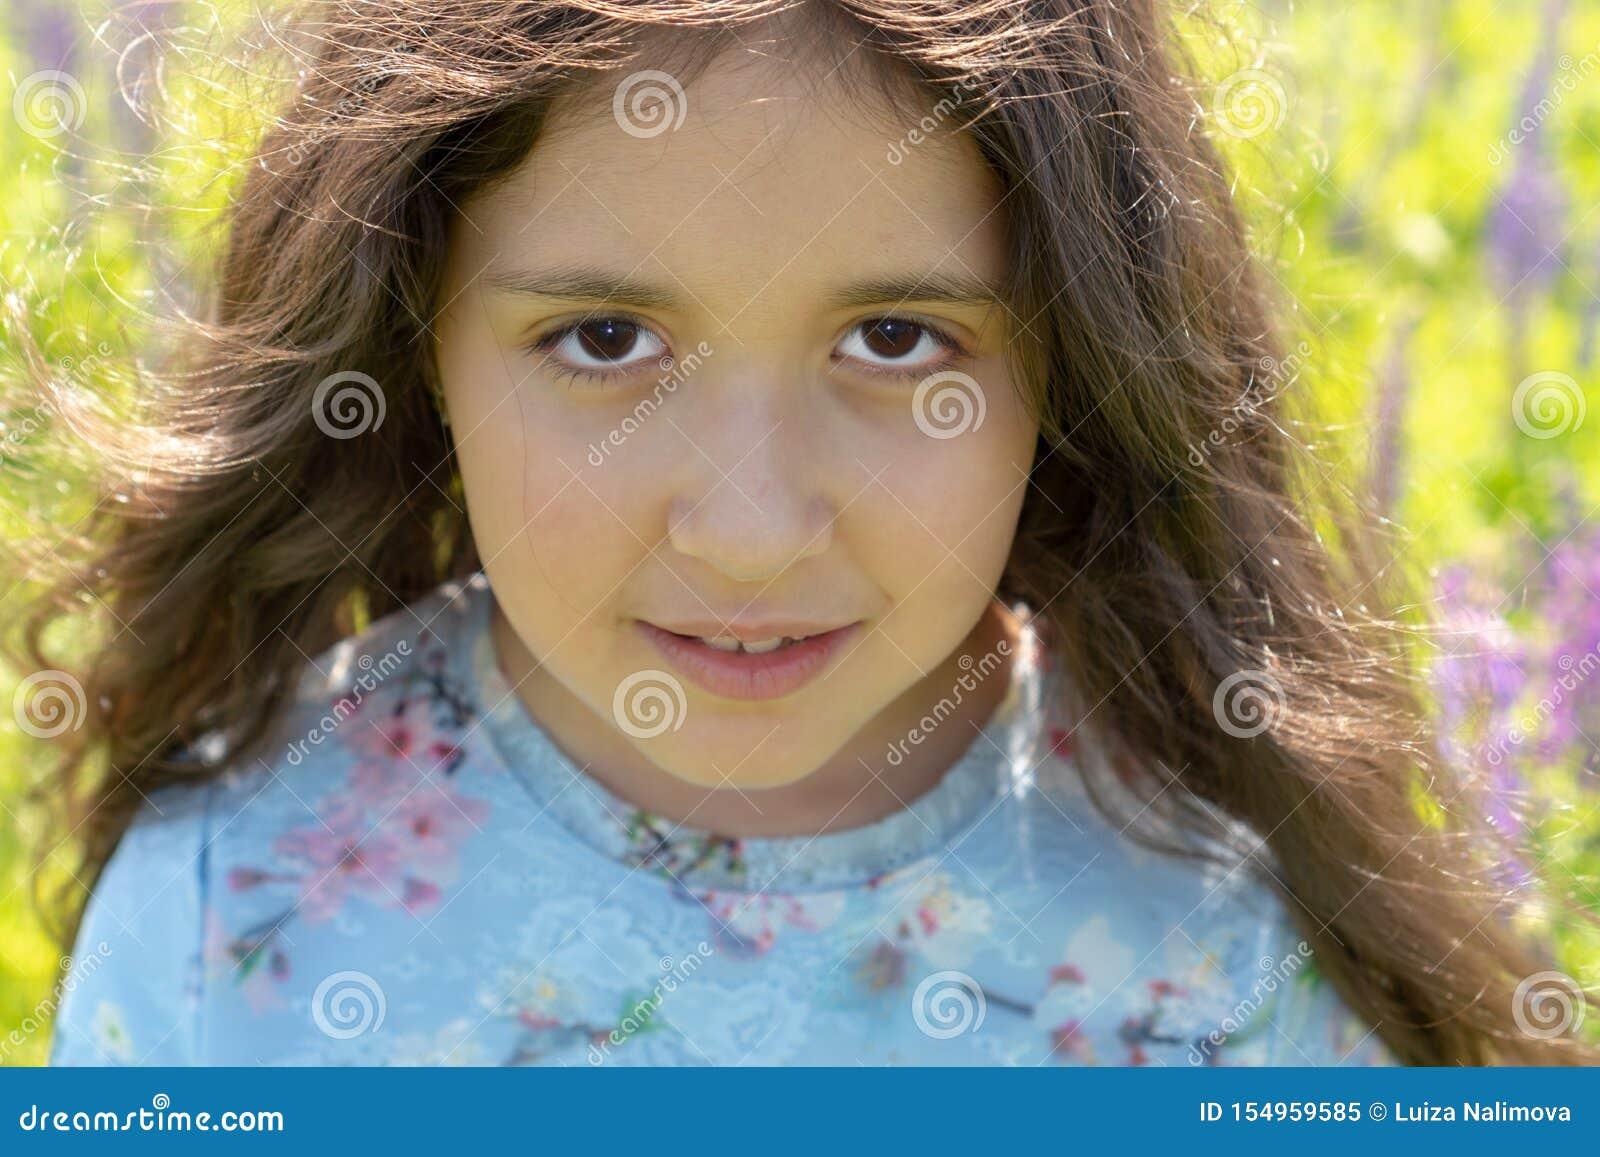 Portret van een mooi Moslimtienermeisje met bruine ogen en lang, krullend haar op een gebied van bloemen